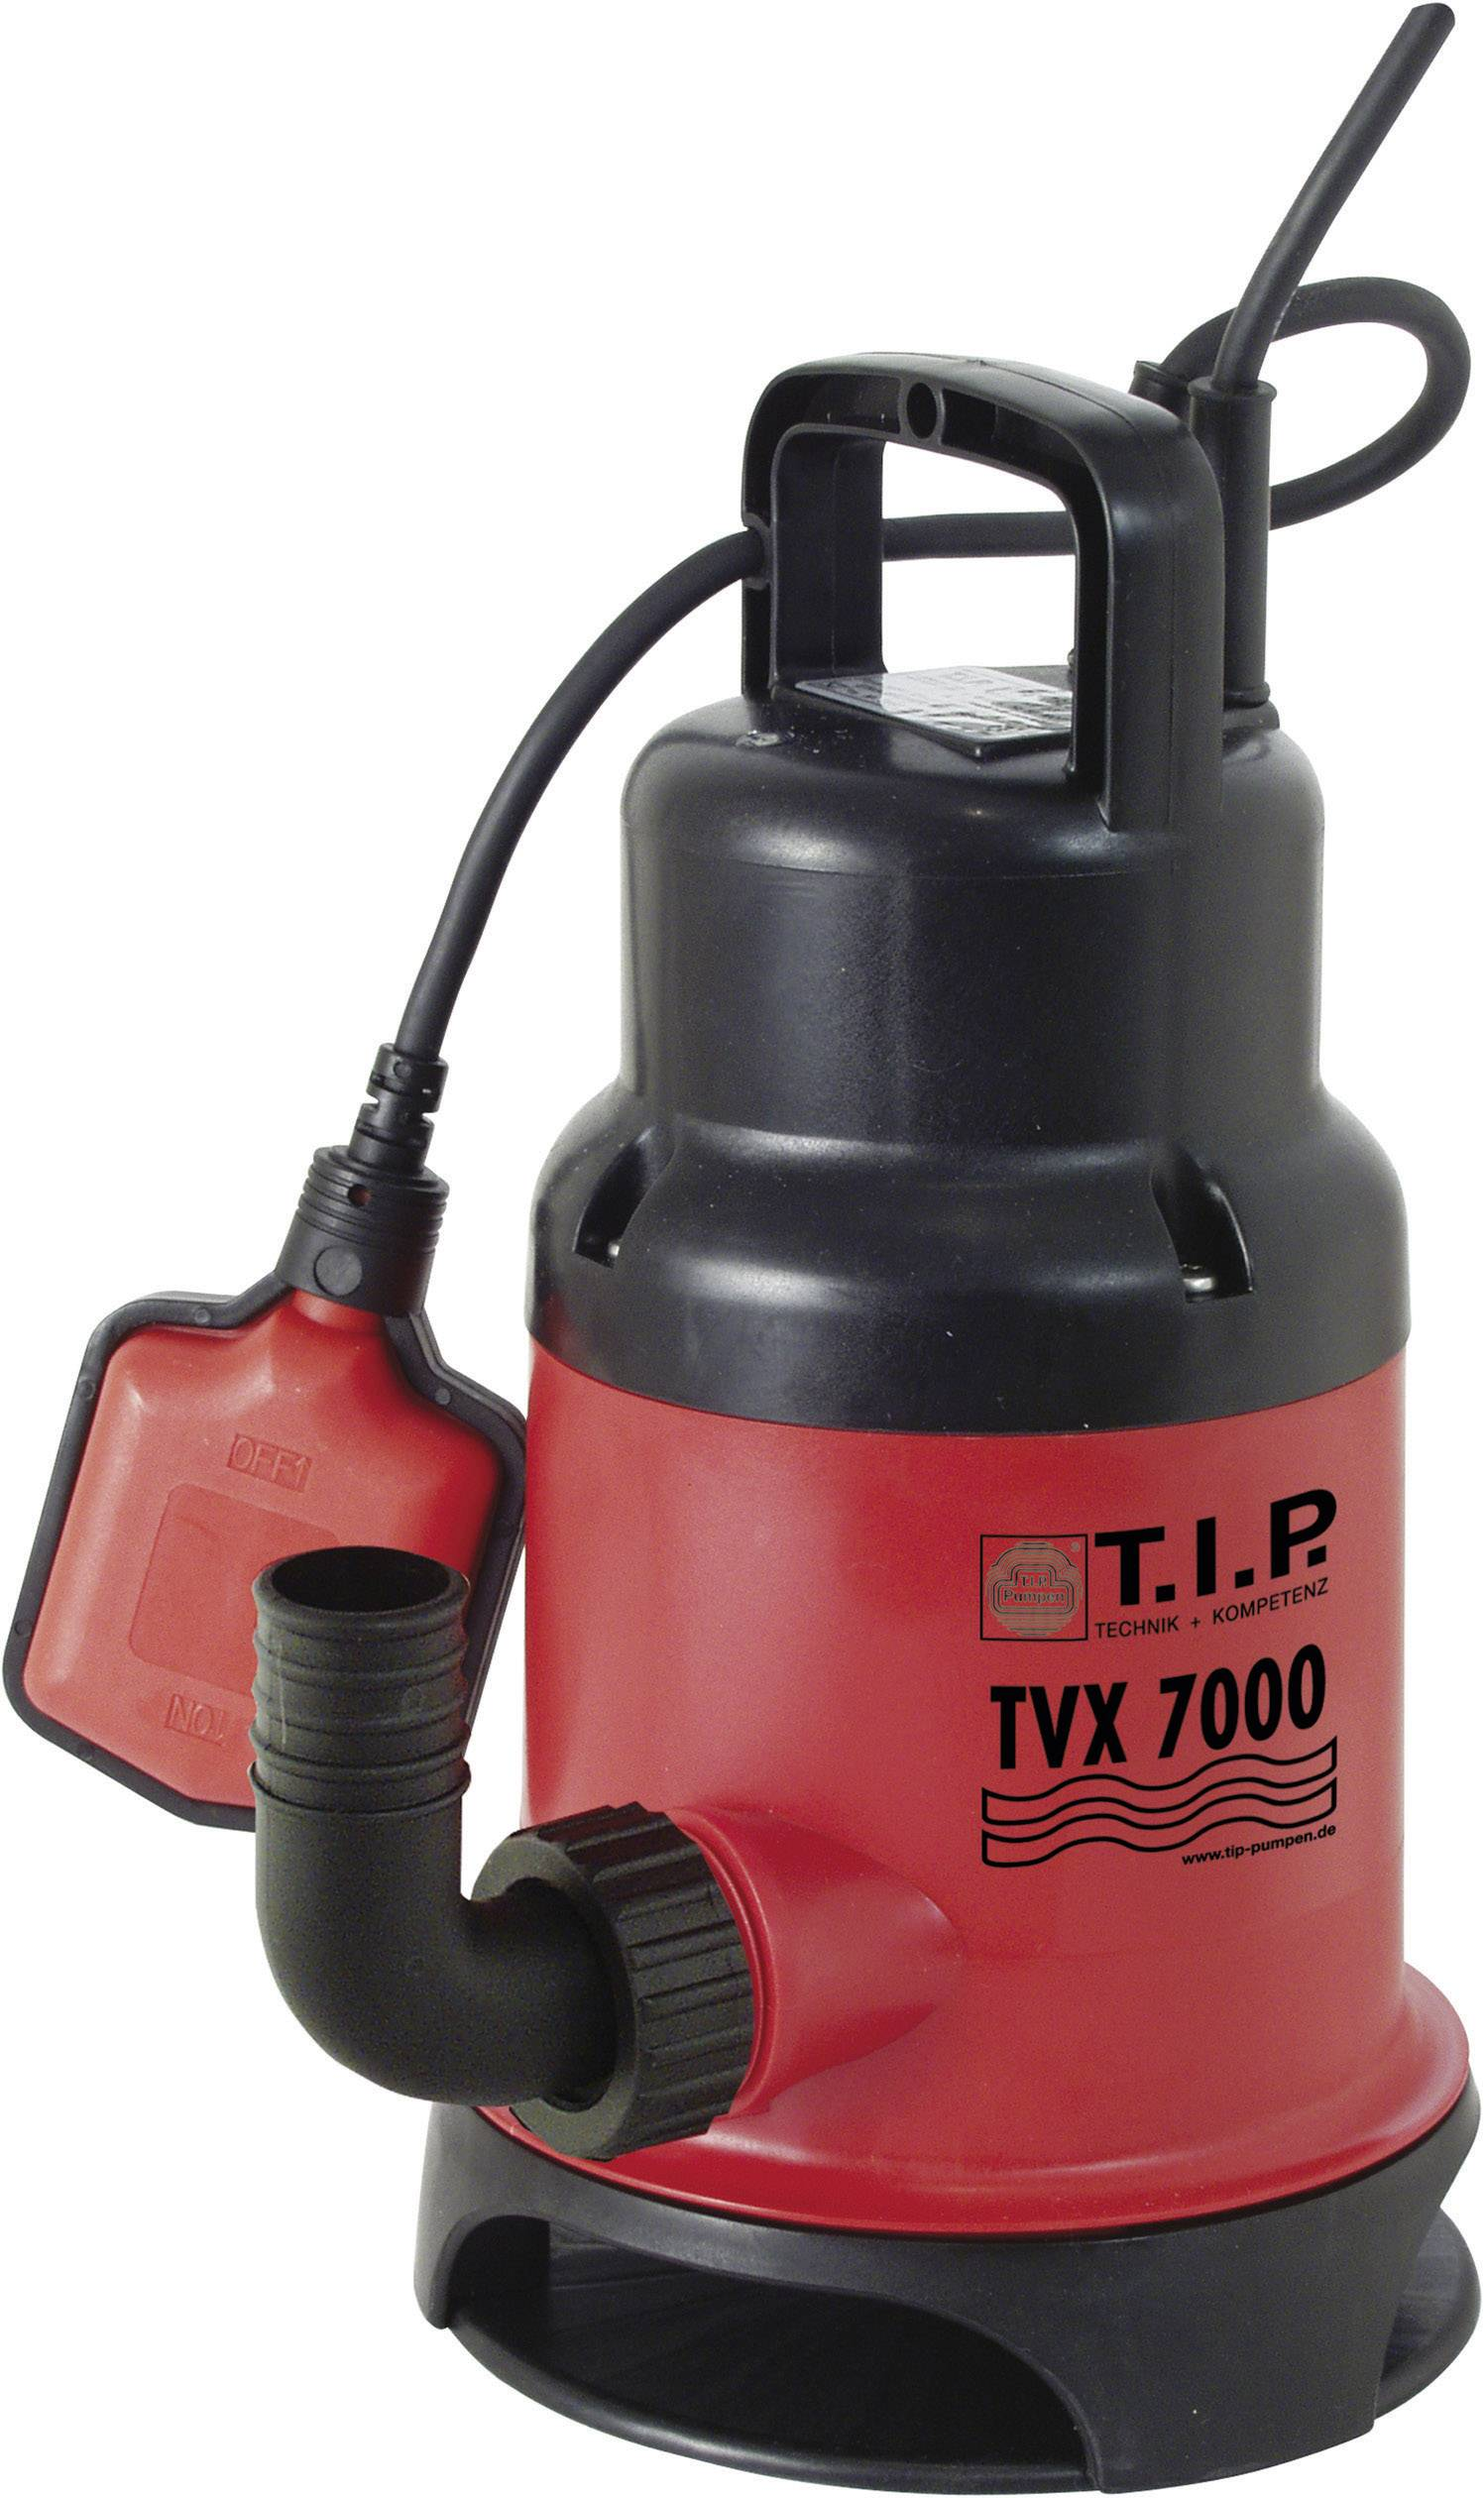 Kalové ponorné čerpadlo T.I.P. Pumpen TVX 7000, 7000 l/h, výtlak do 5 m